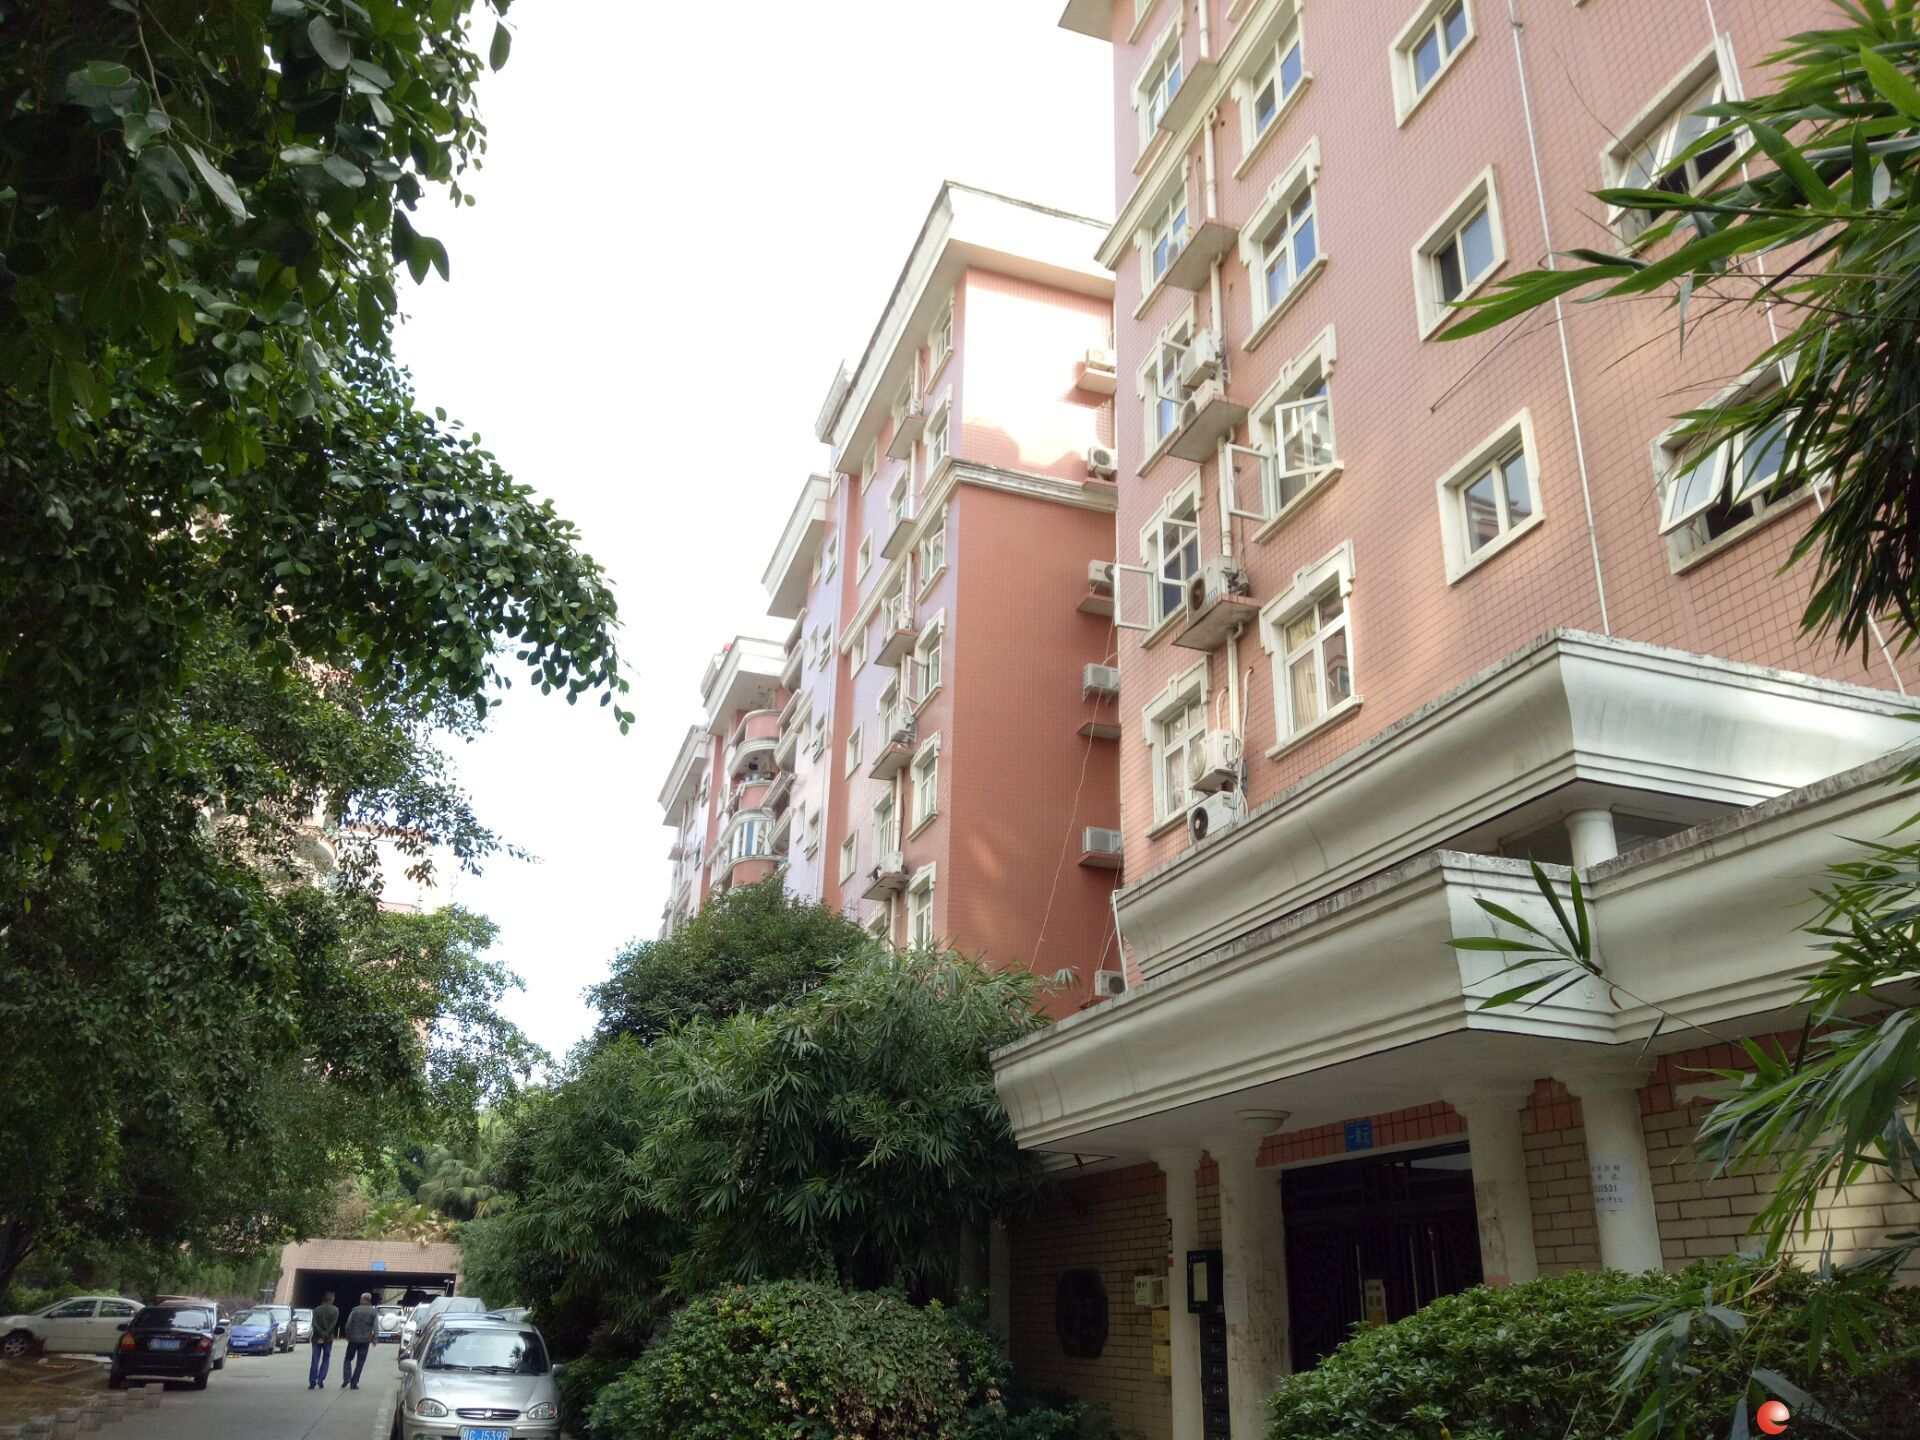 C七星区 七星花园紫竹苑155平米三房两厅中装拎包入住一楼租2200元